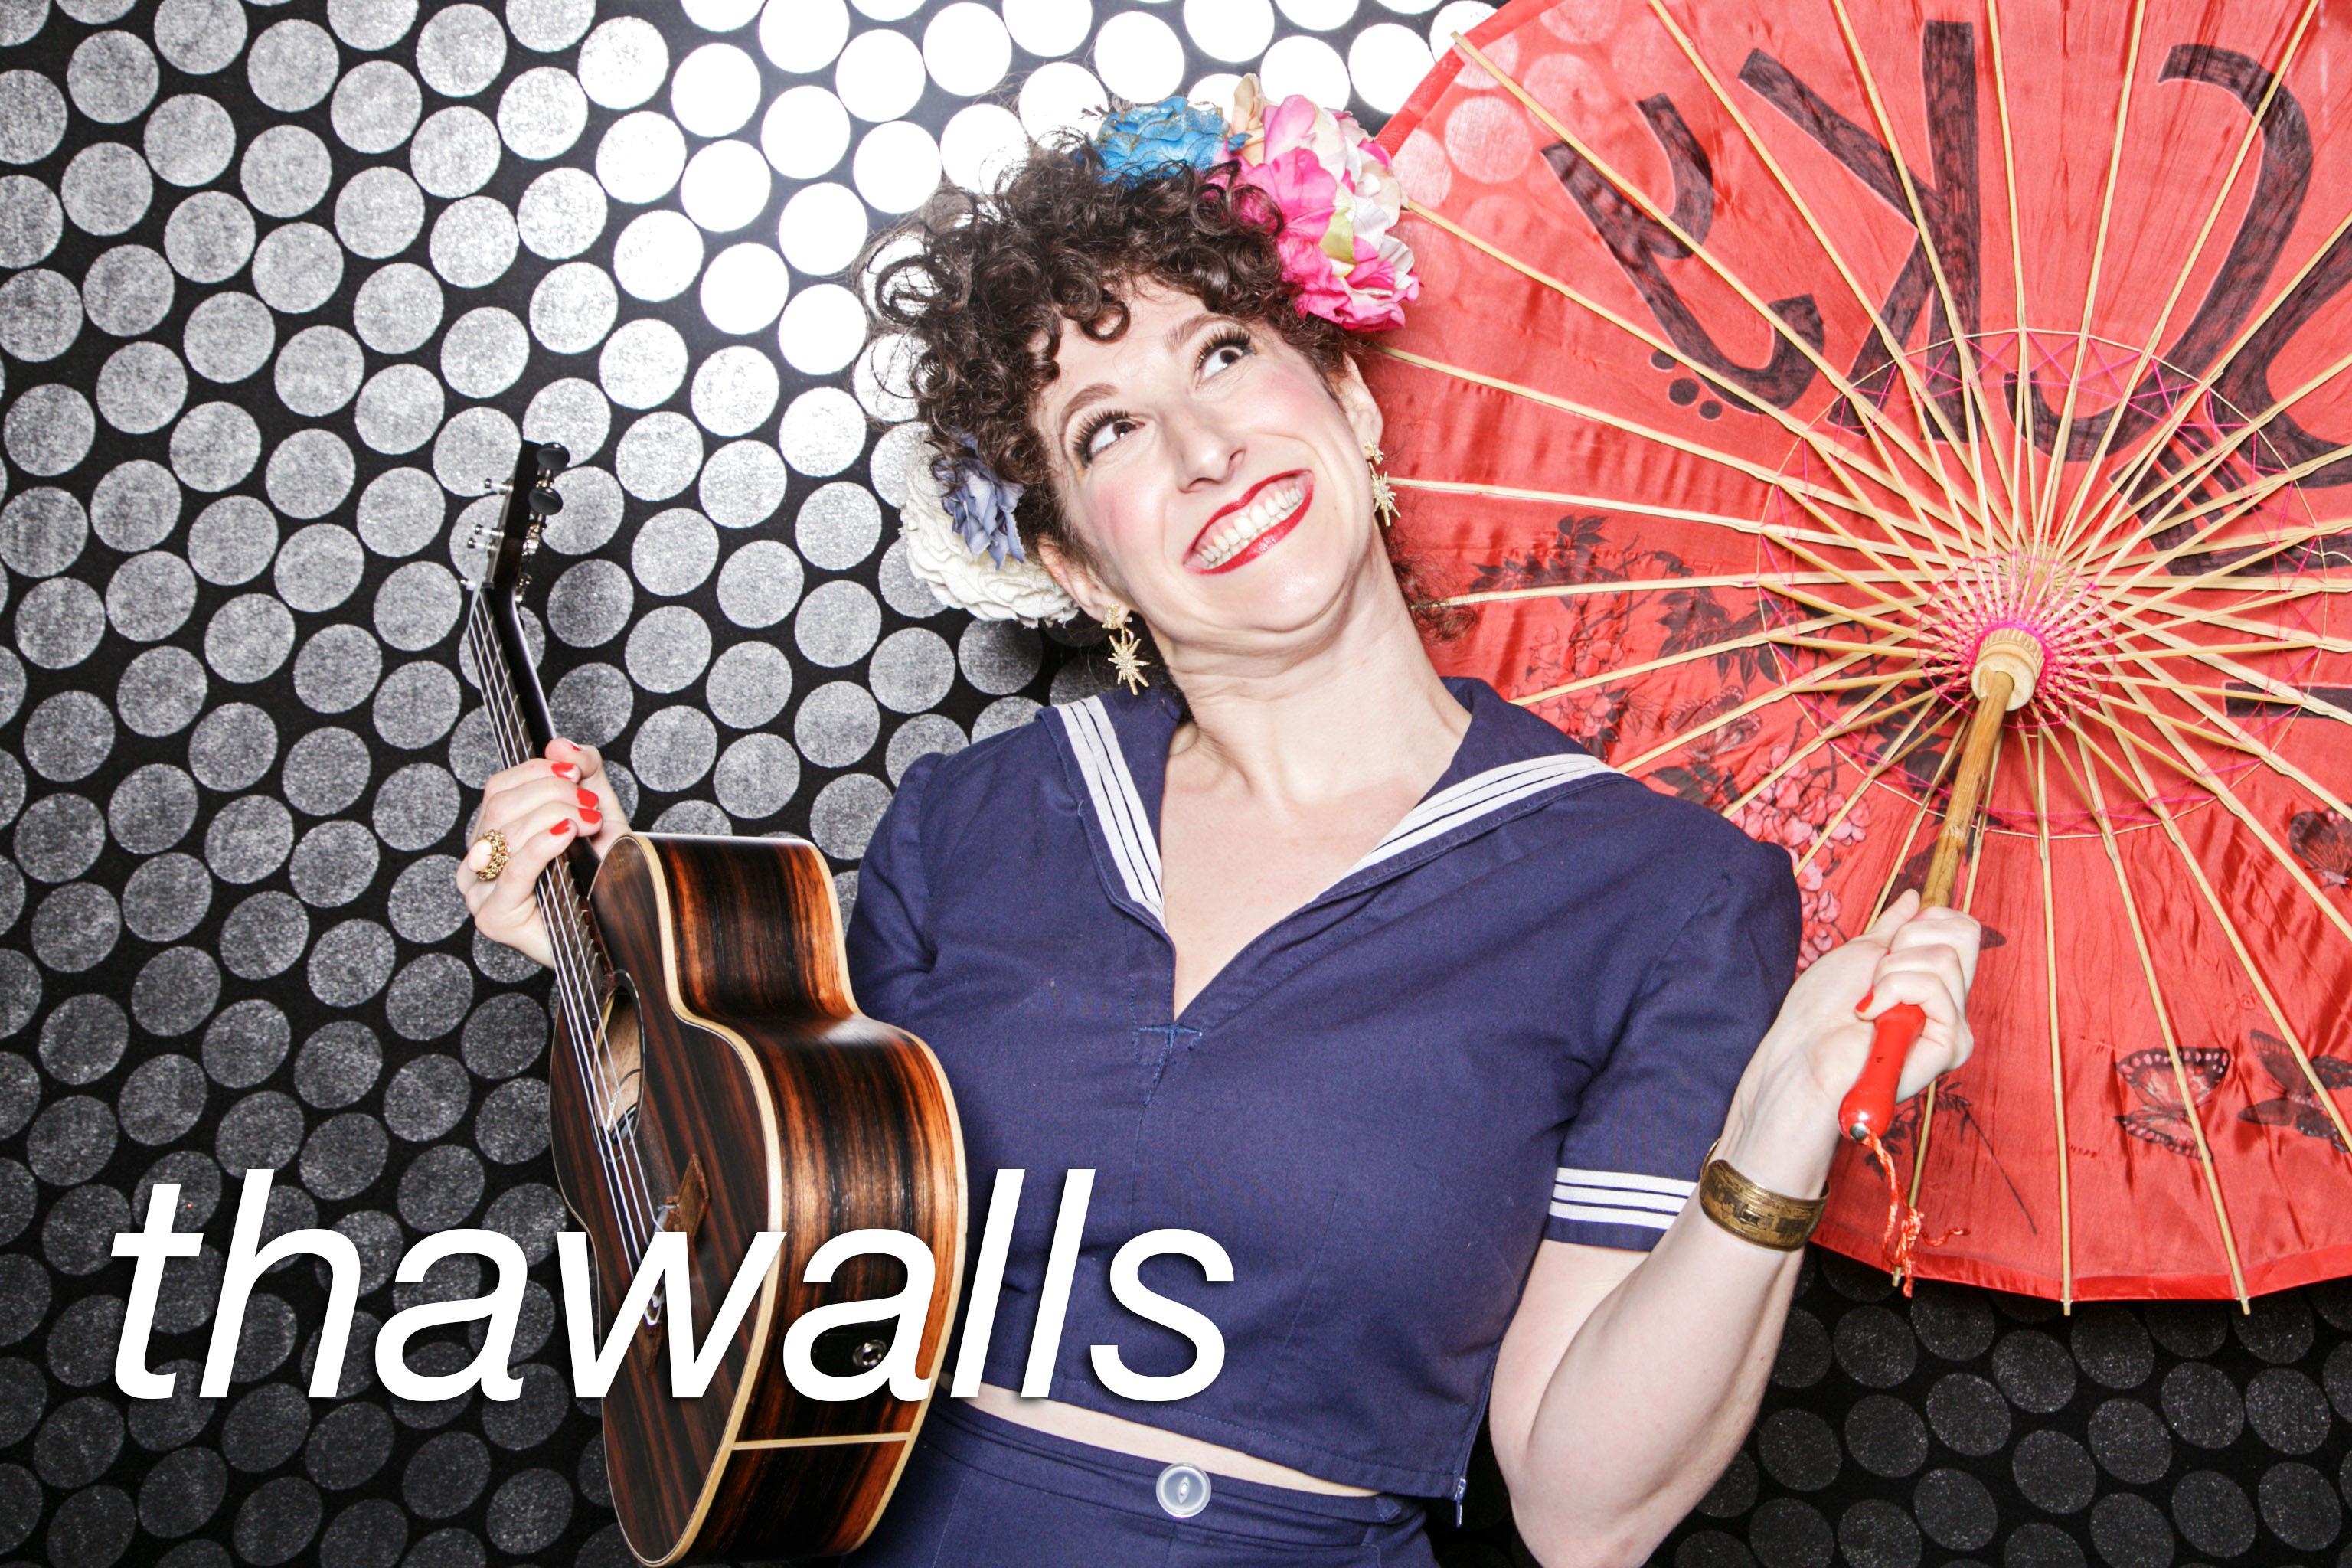 Thawalls